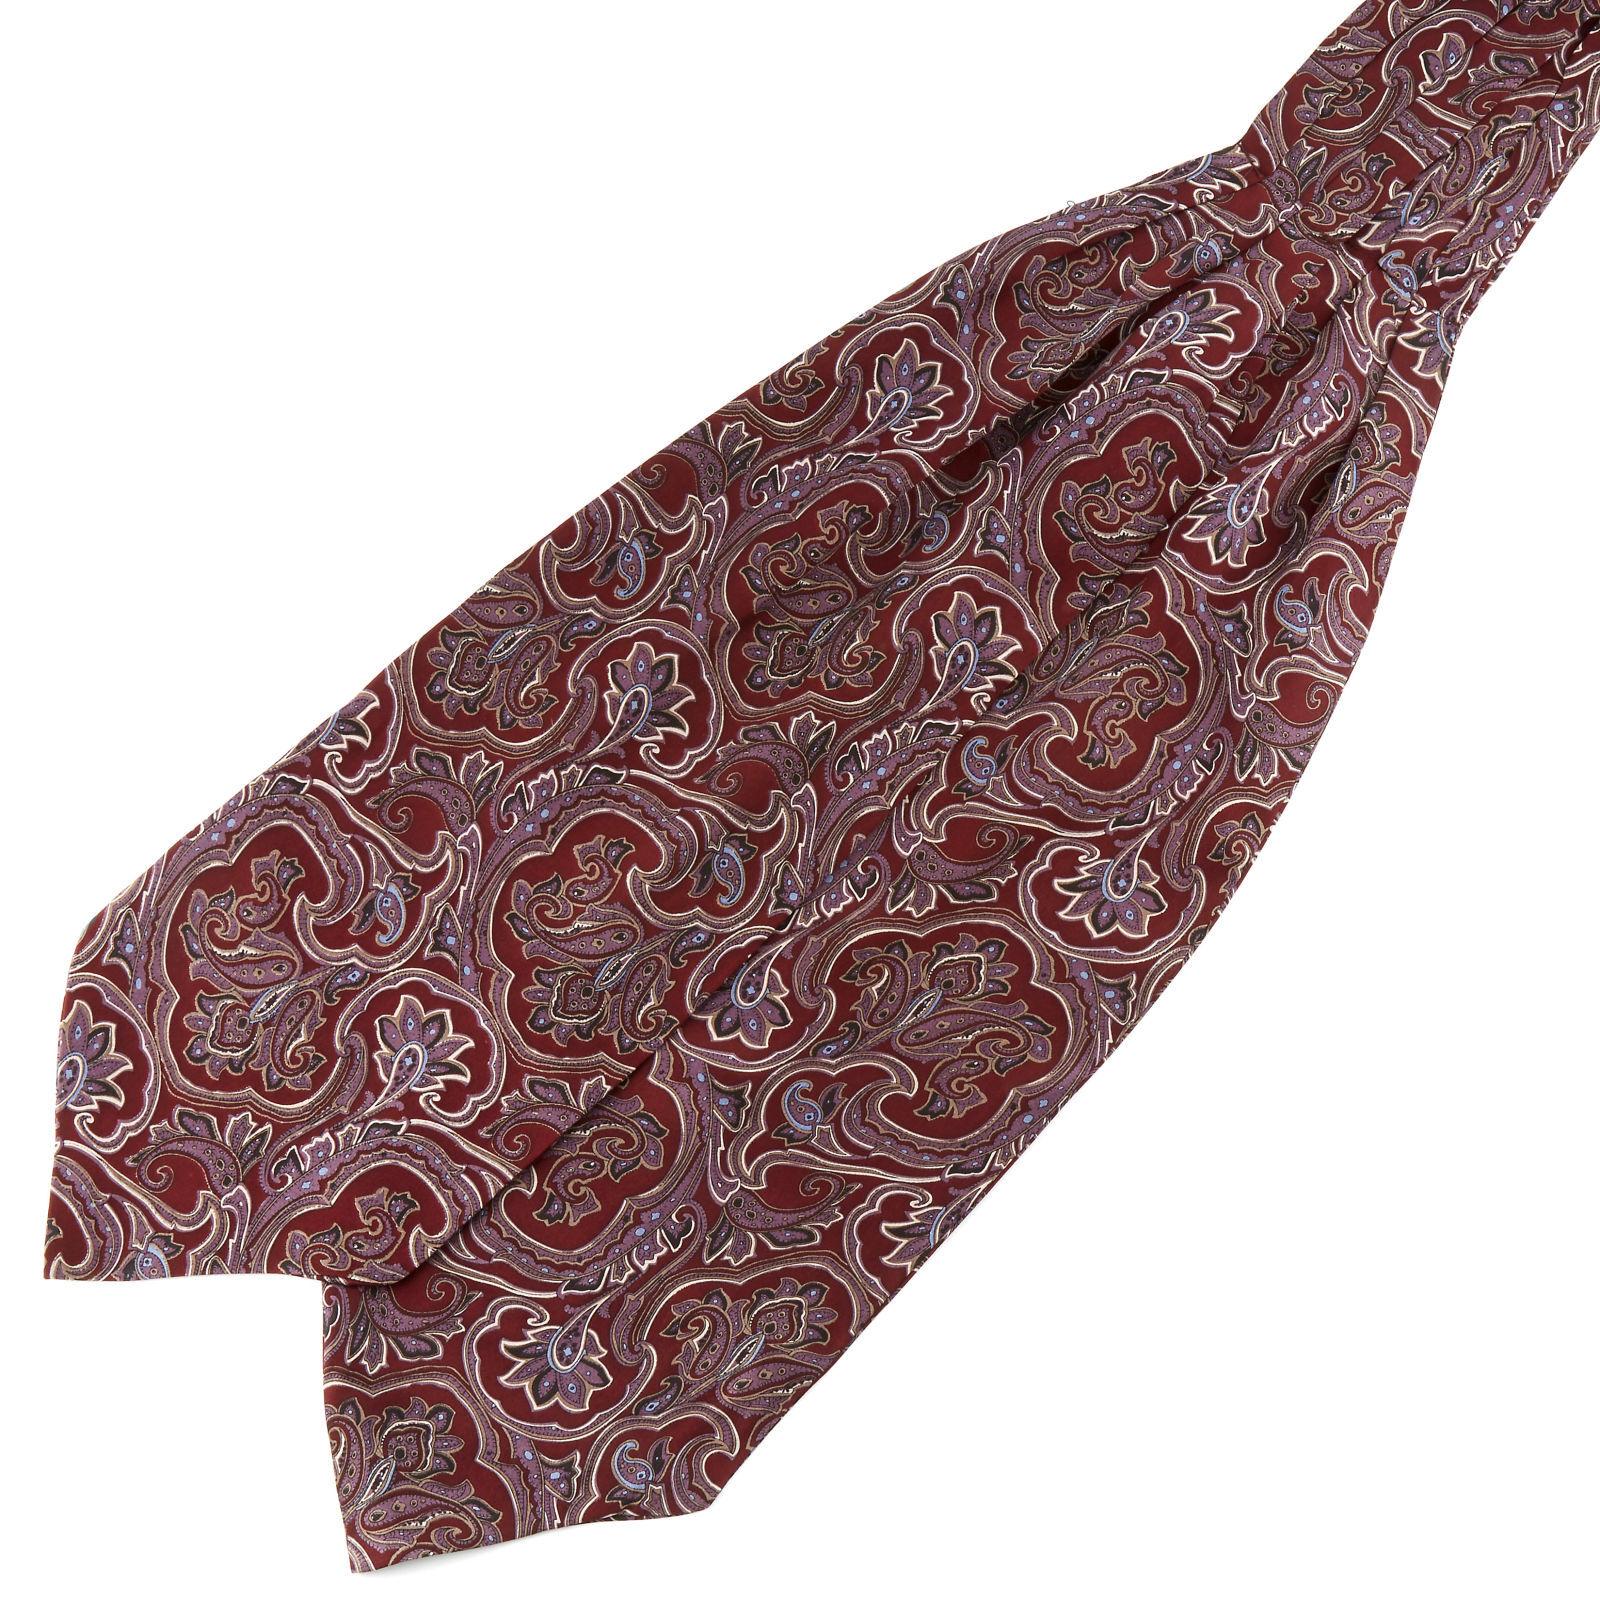 Tailor Toki Punainen & laventeli barokkityylinen silkki ascot-solmio